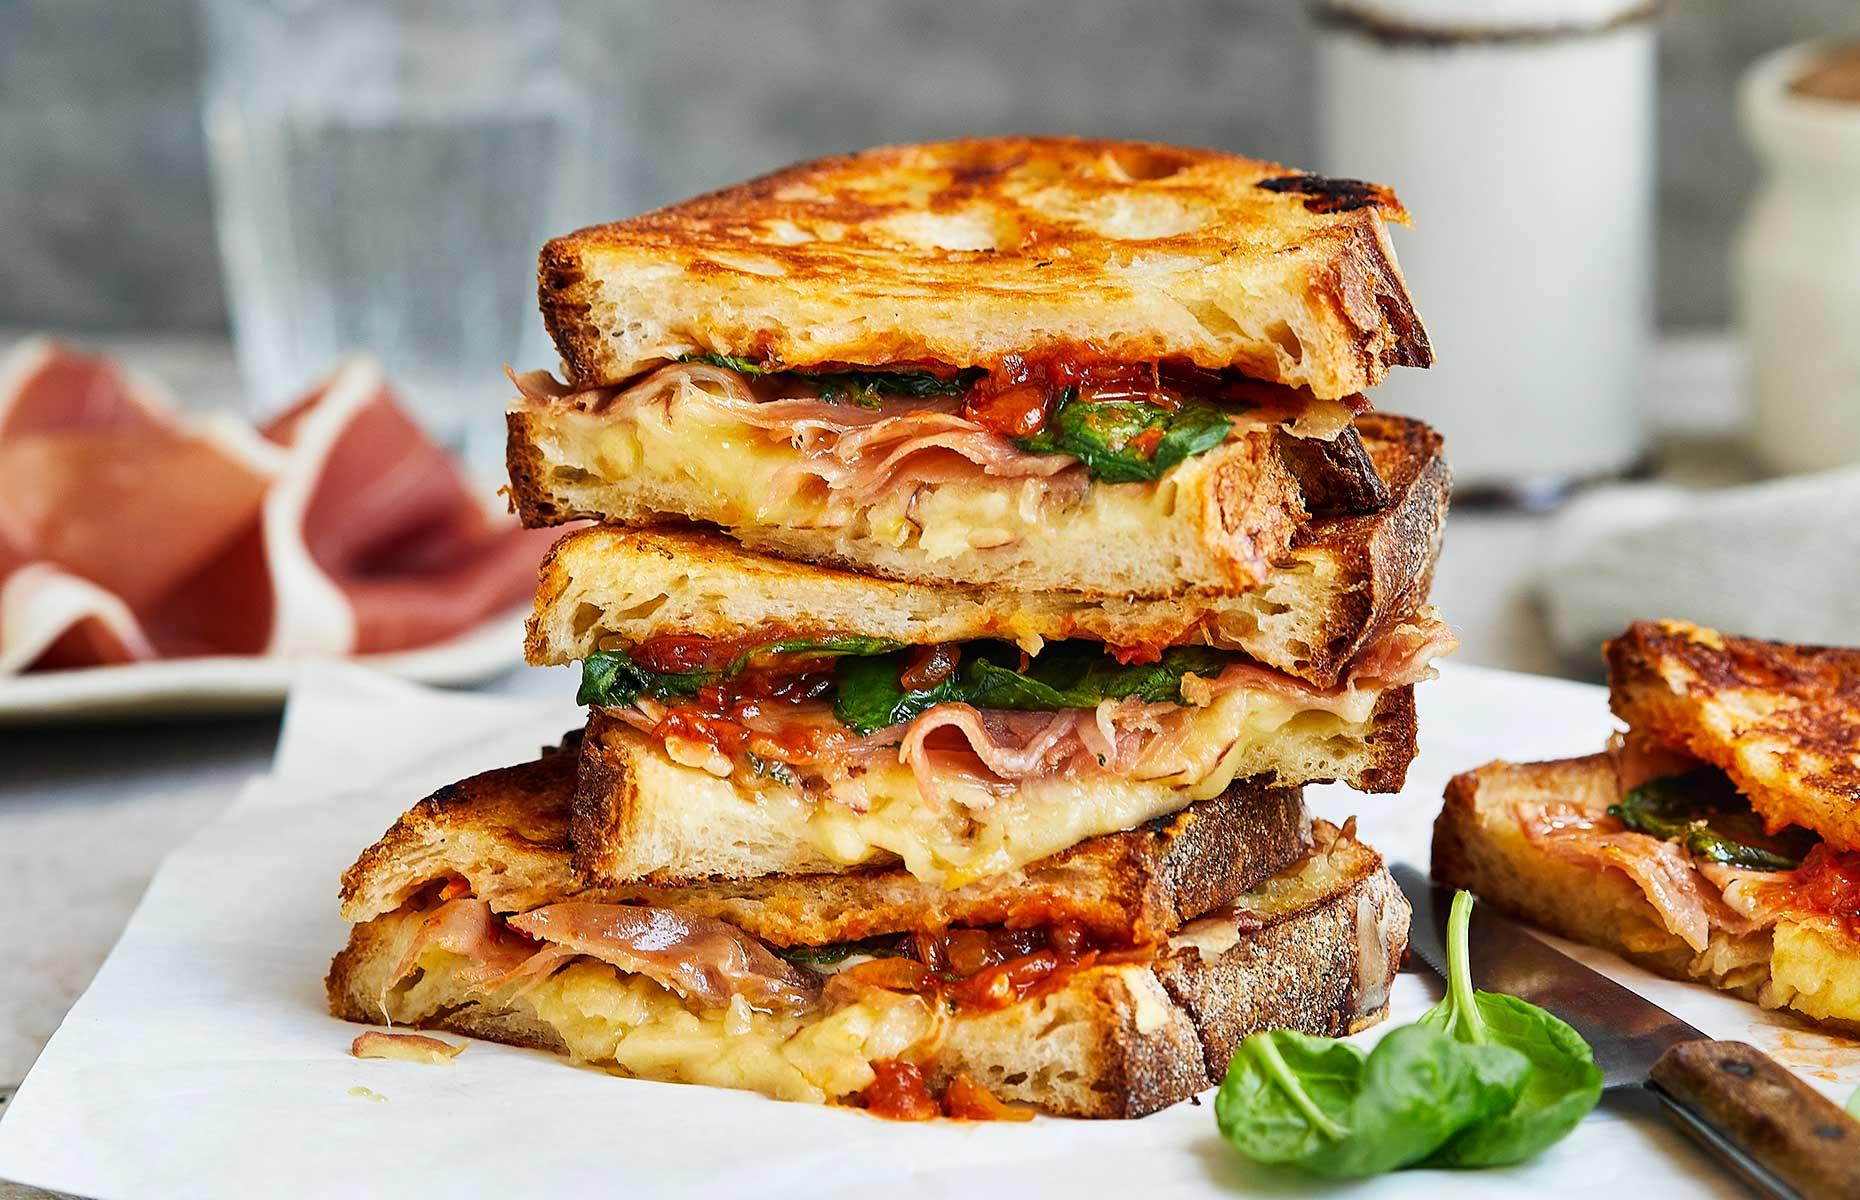 Parma Ham ploughman's toastie (Image courtesy of Consorzio del Prosciutto di Parma)